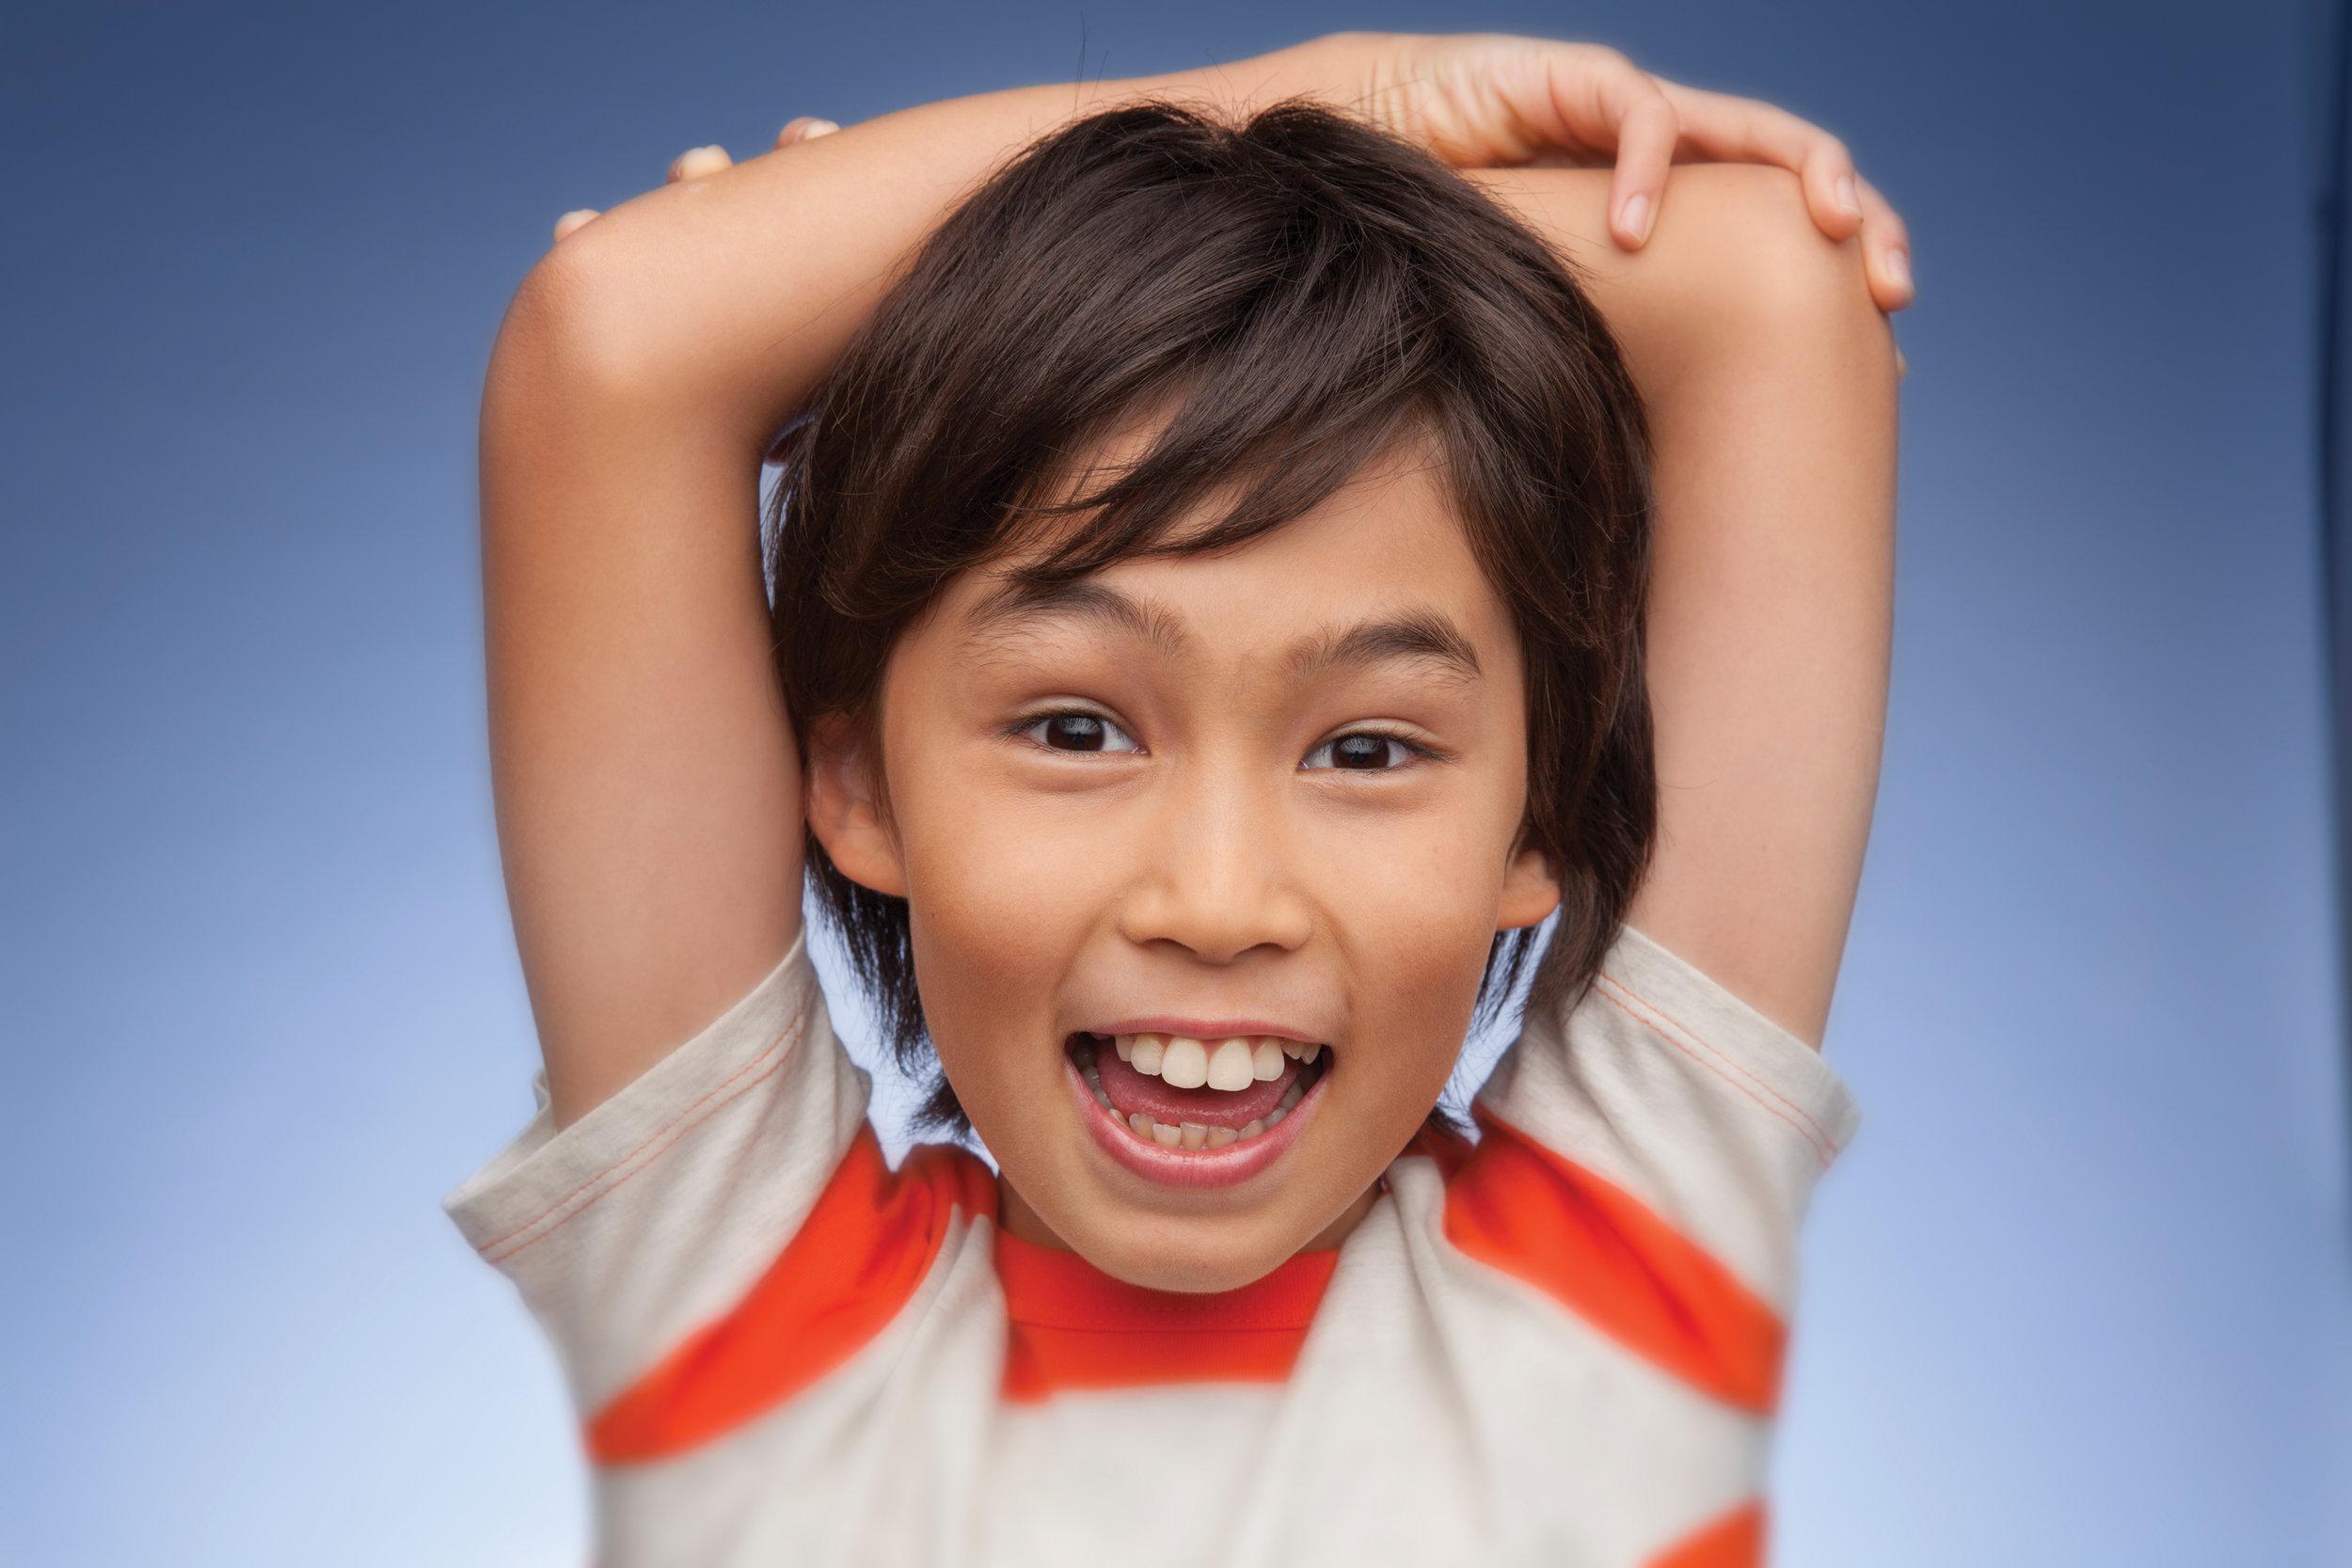 Pediatric orthodontic patient